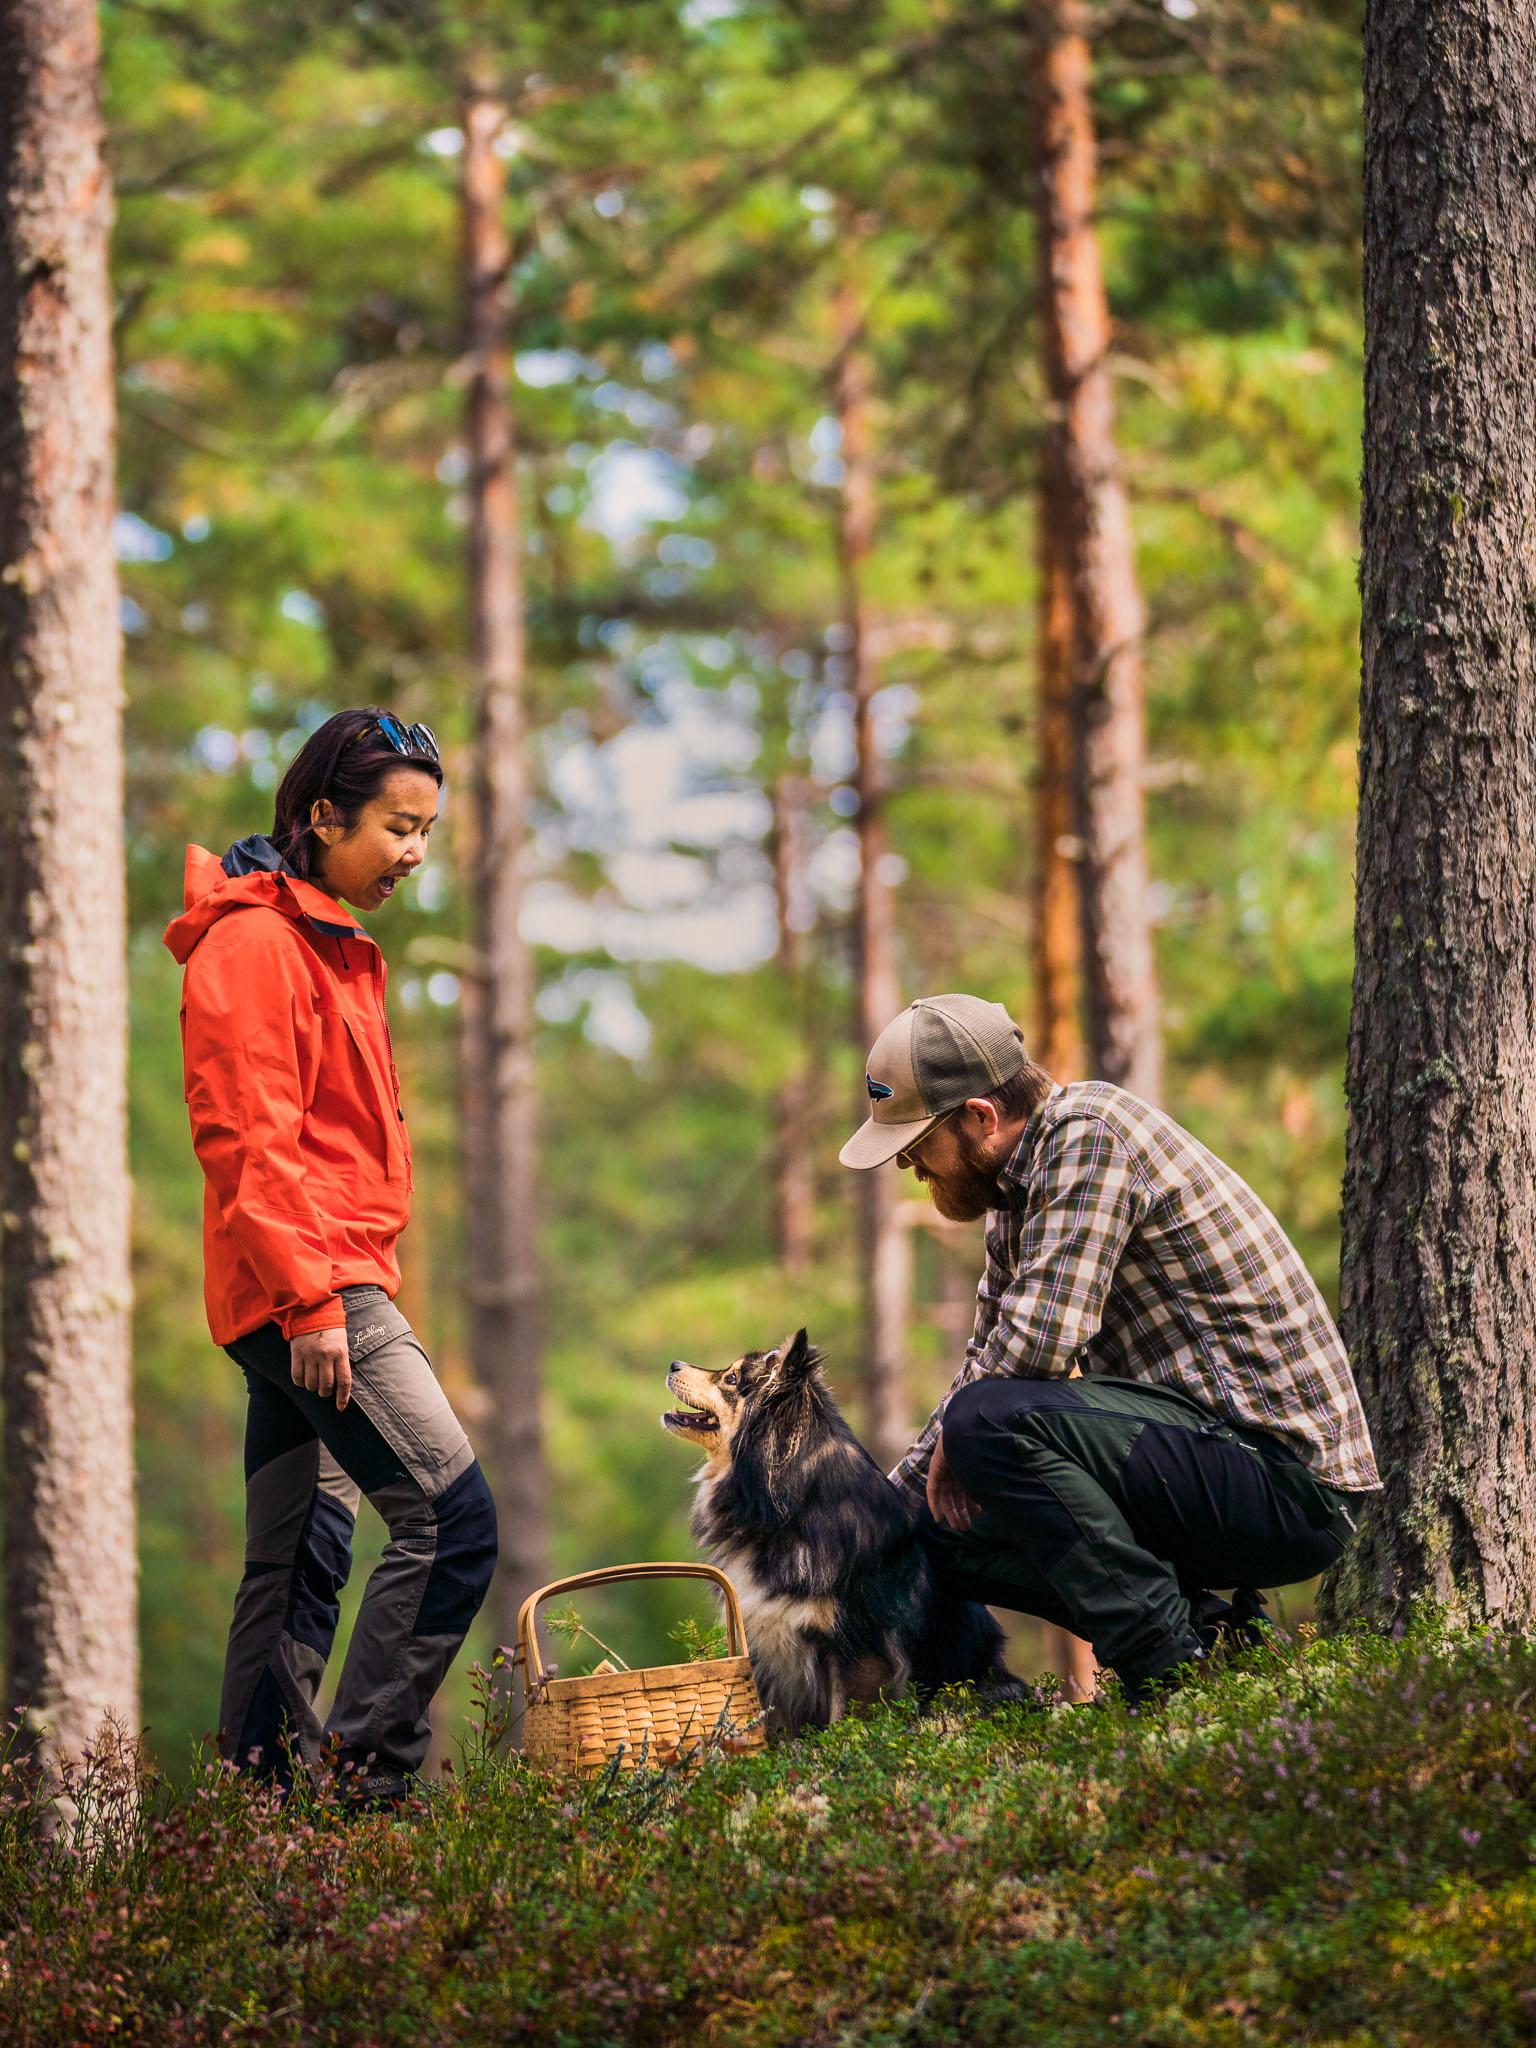 Allemansrätten i Sverige – natur & friluftslivfotografering